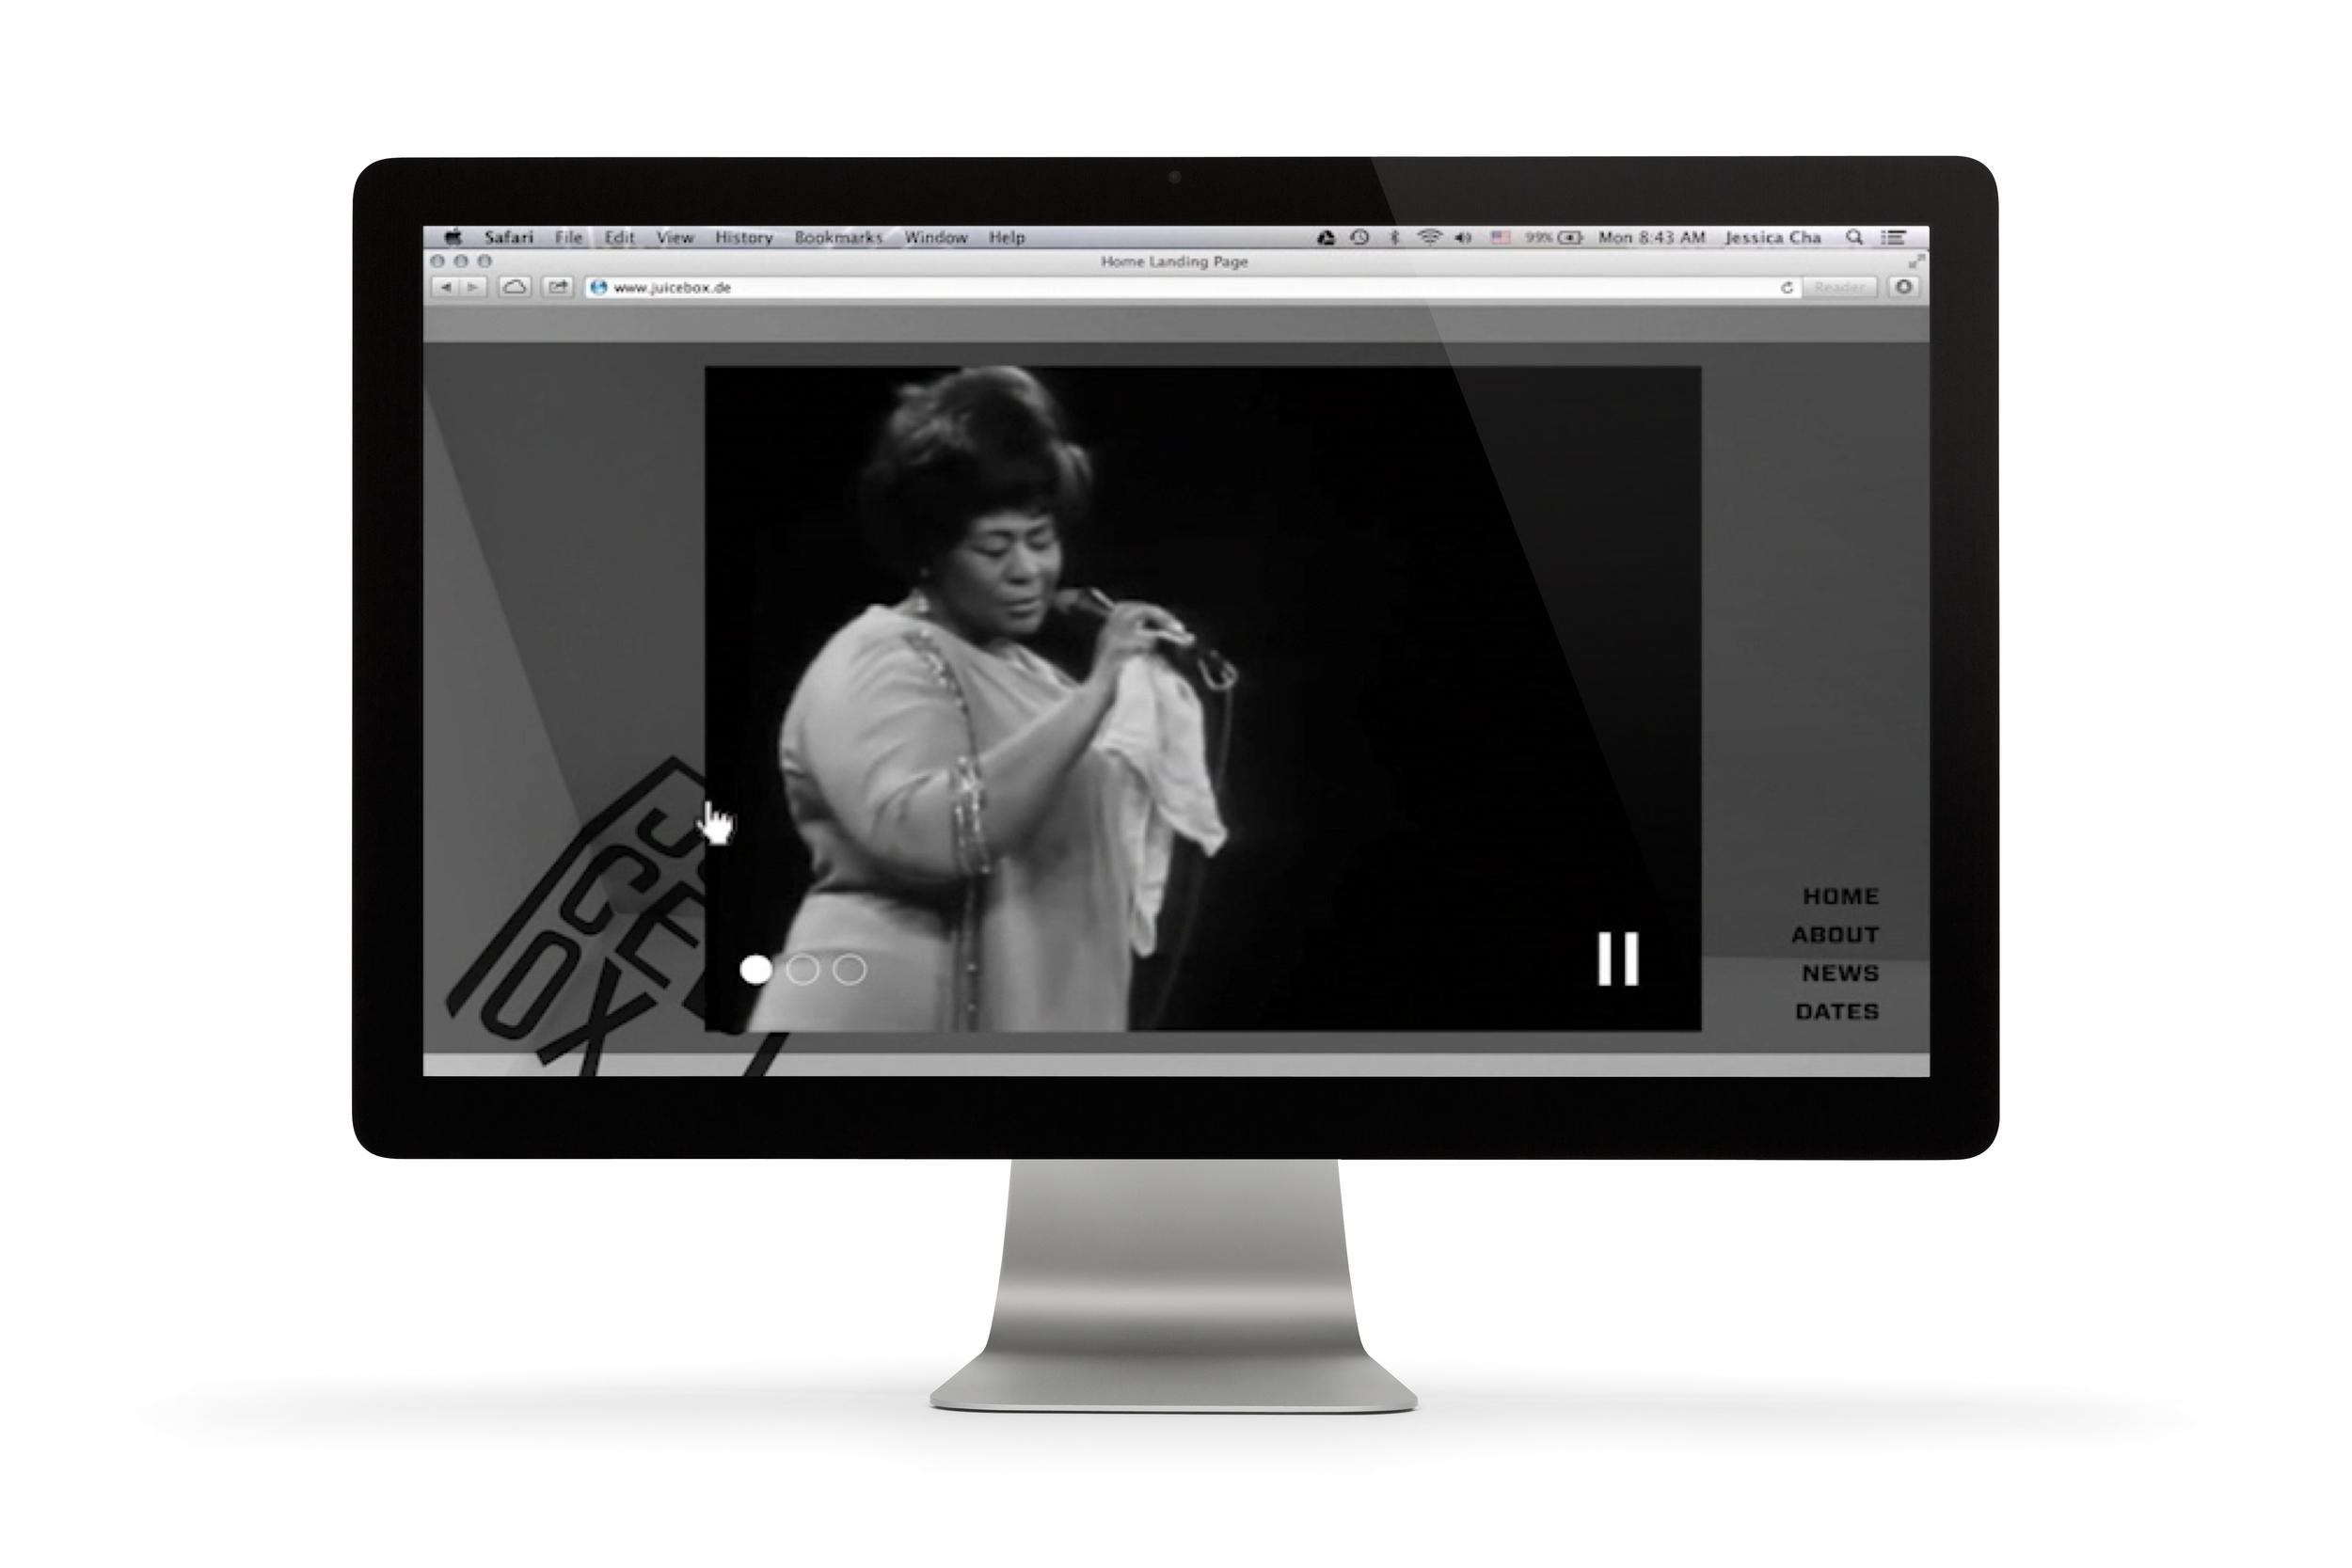 juicebox web 02